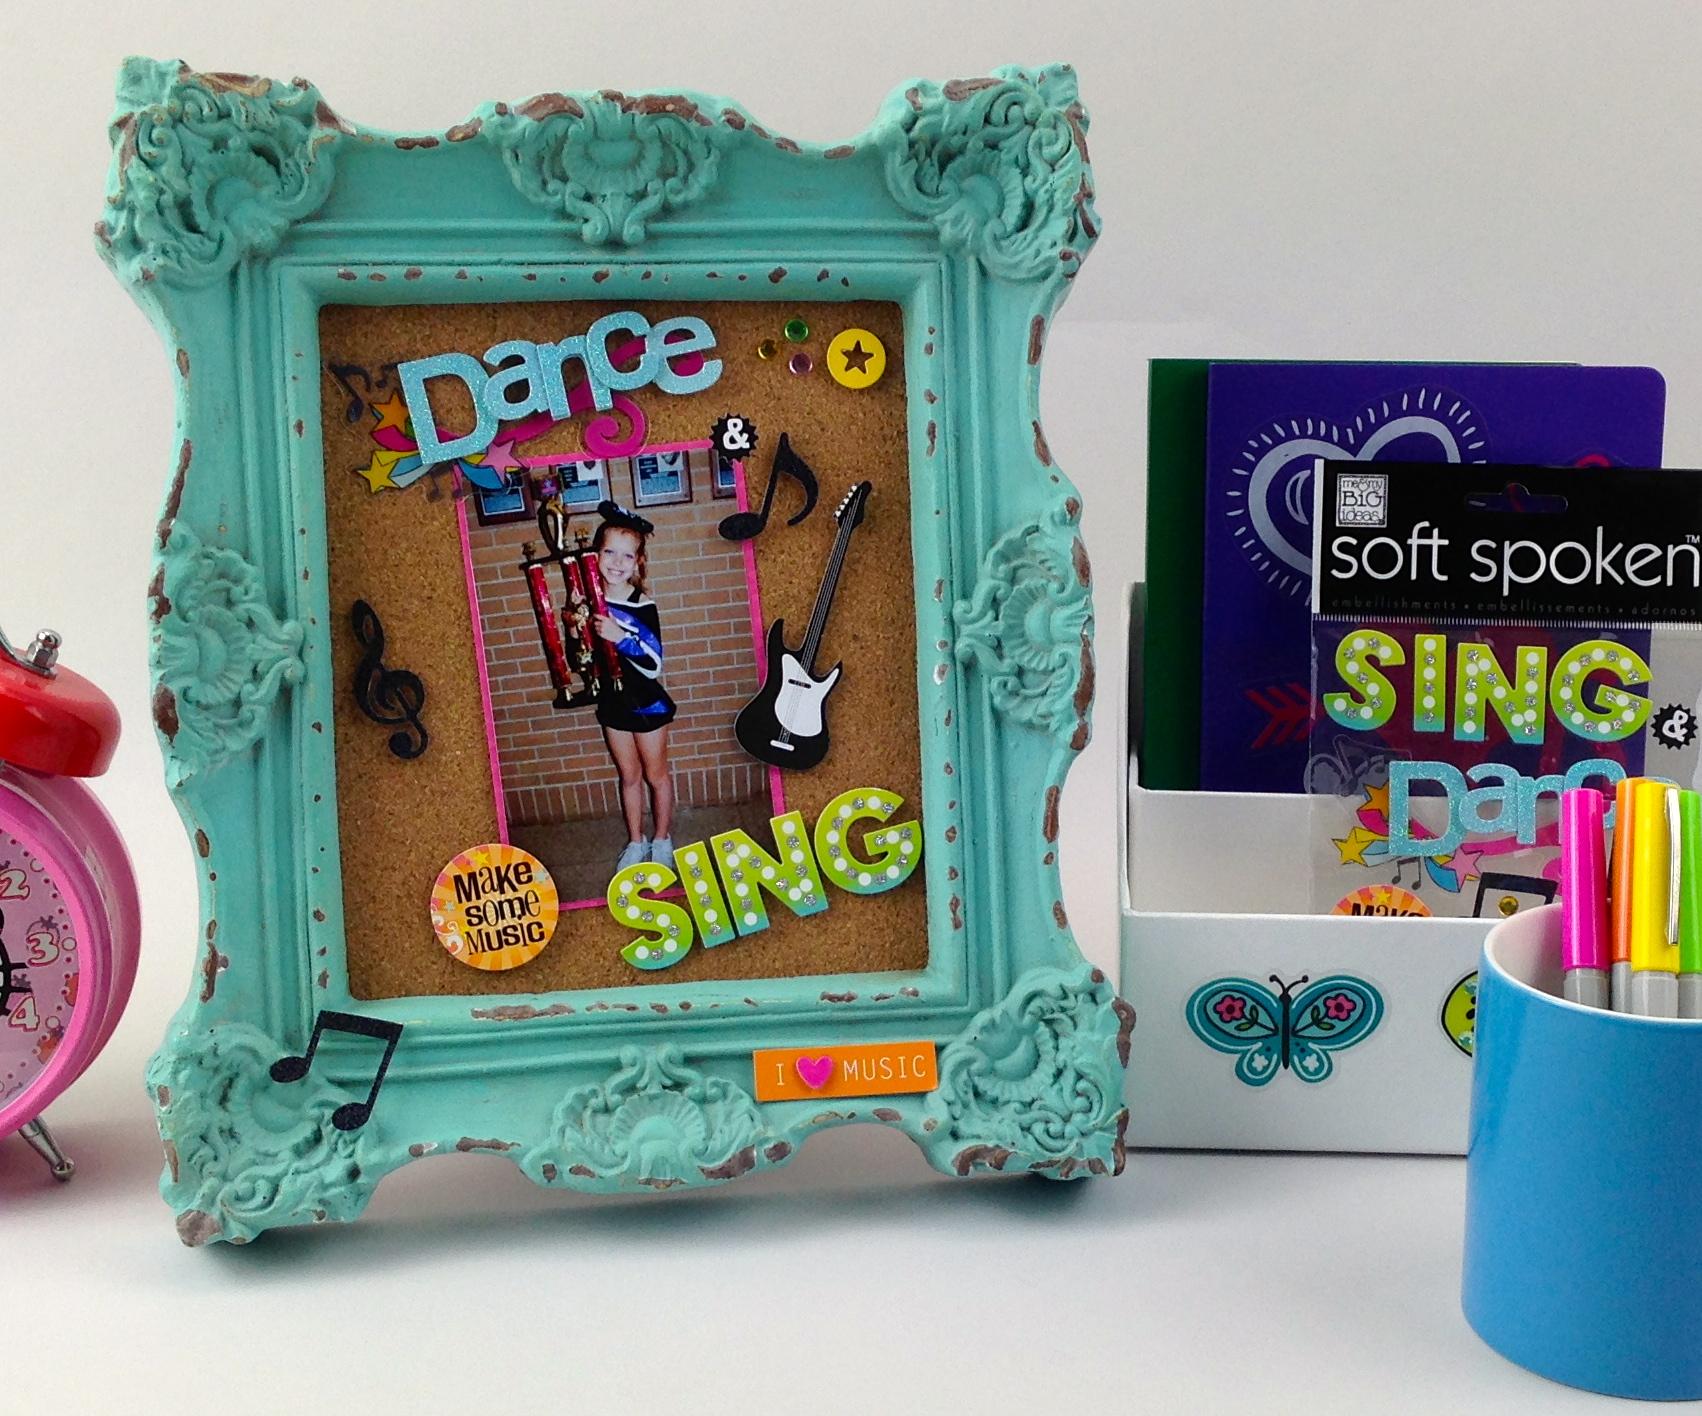 Dance Sing Frame - Easy Girl Frame Decor for girls room on mambi blog. use soft spoken to decorate.